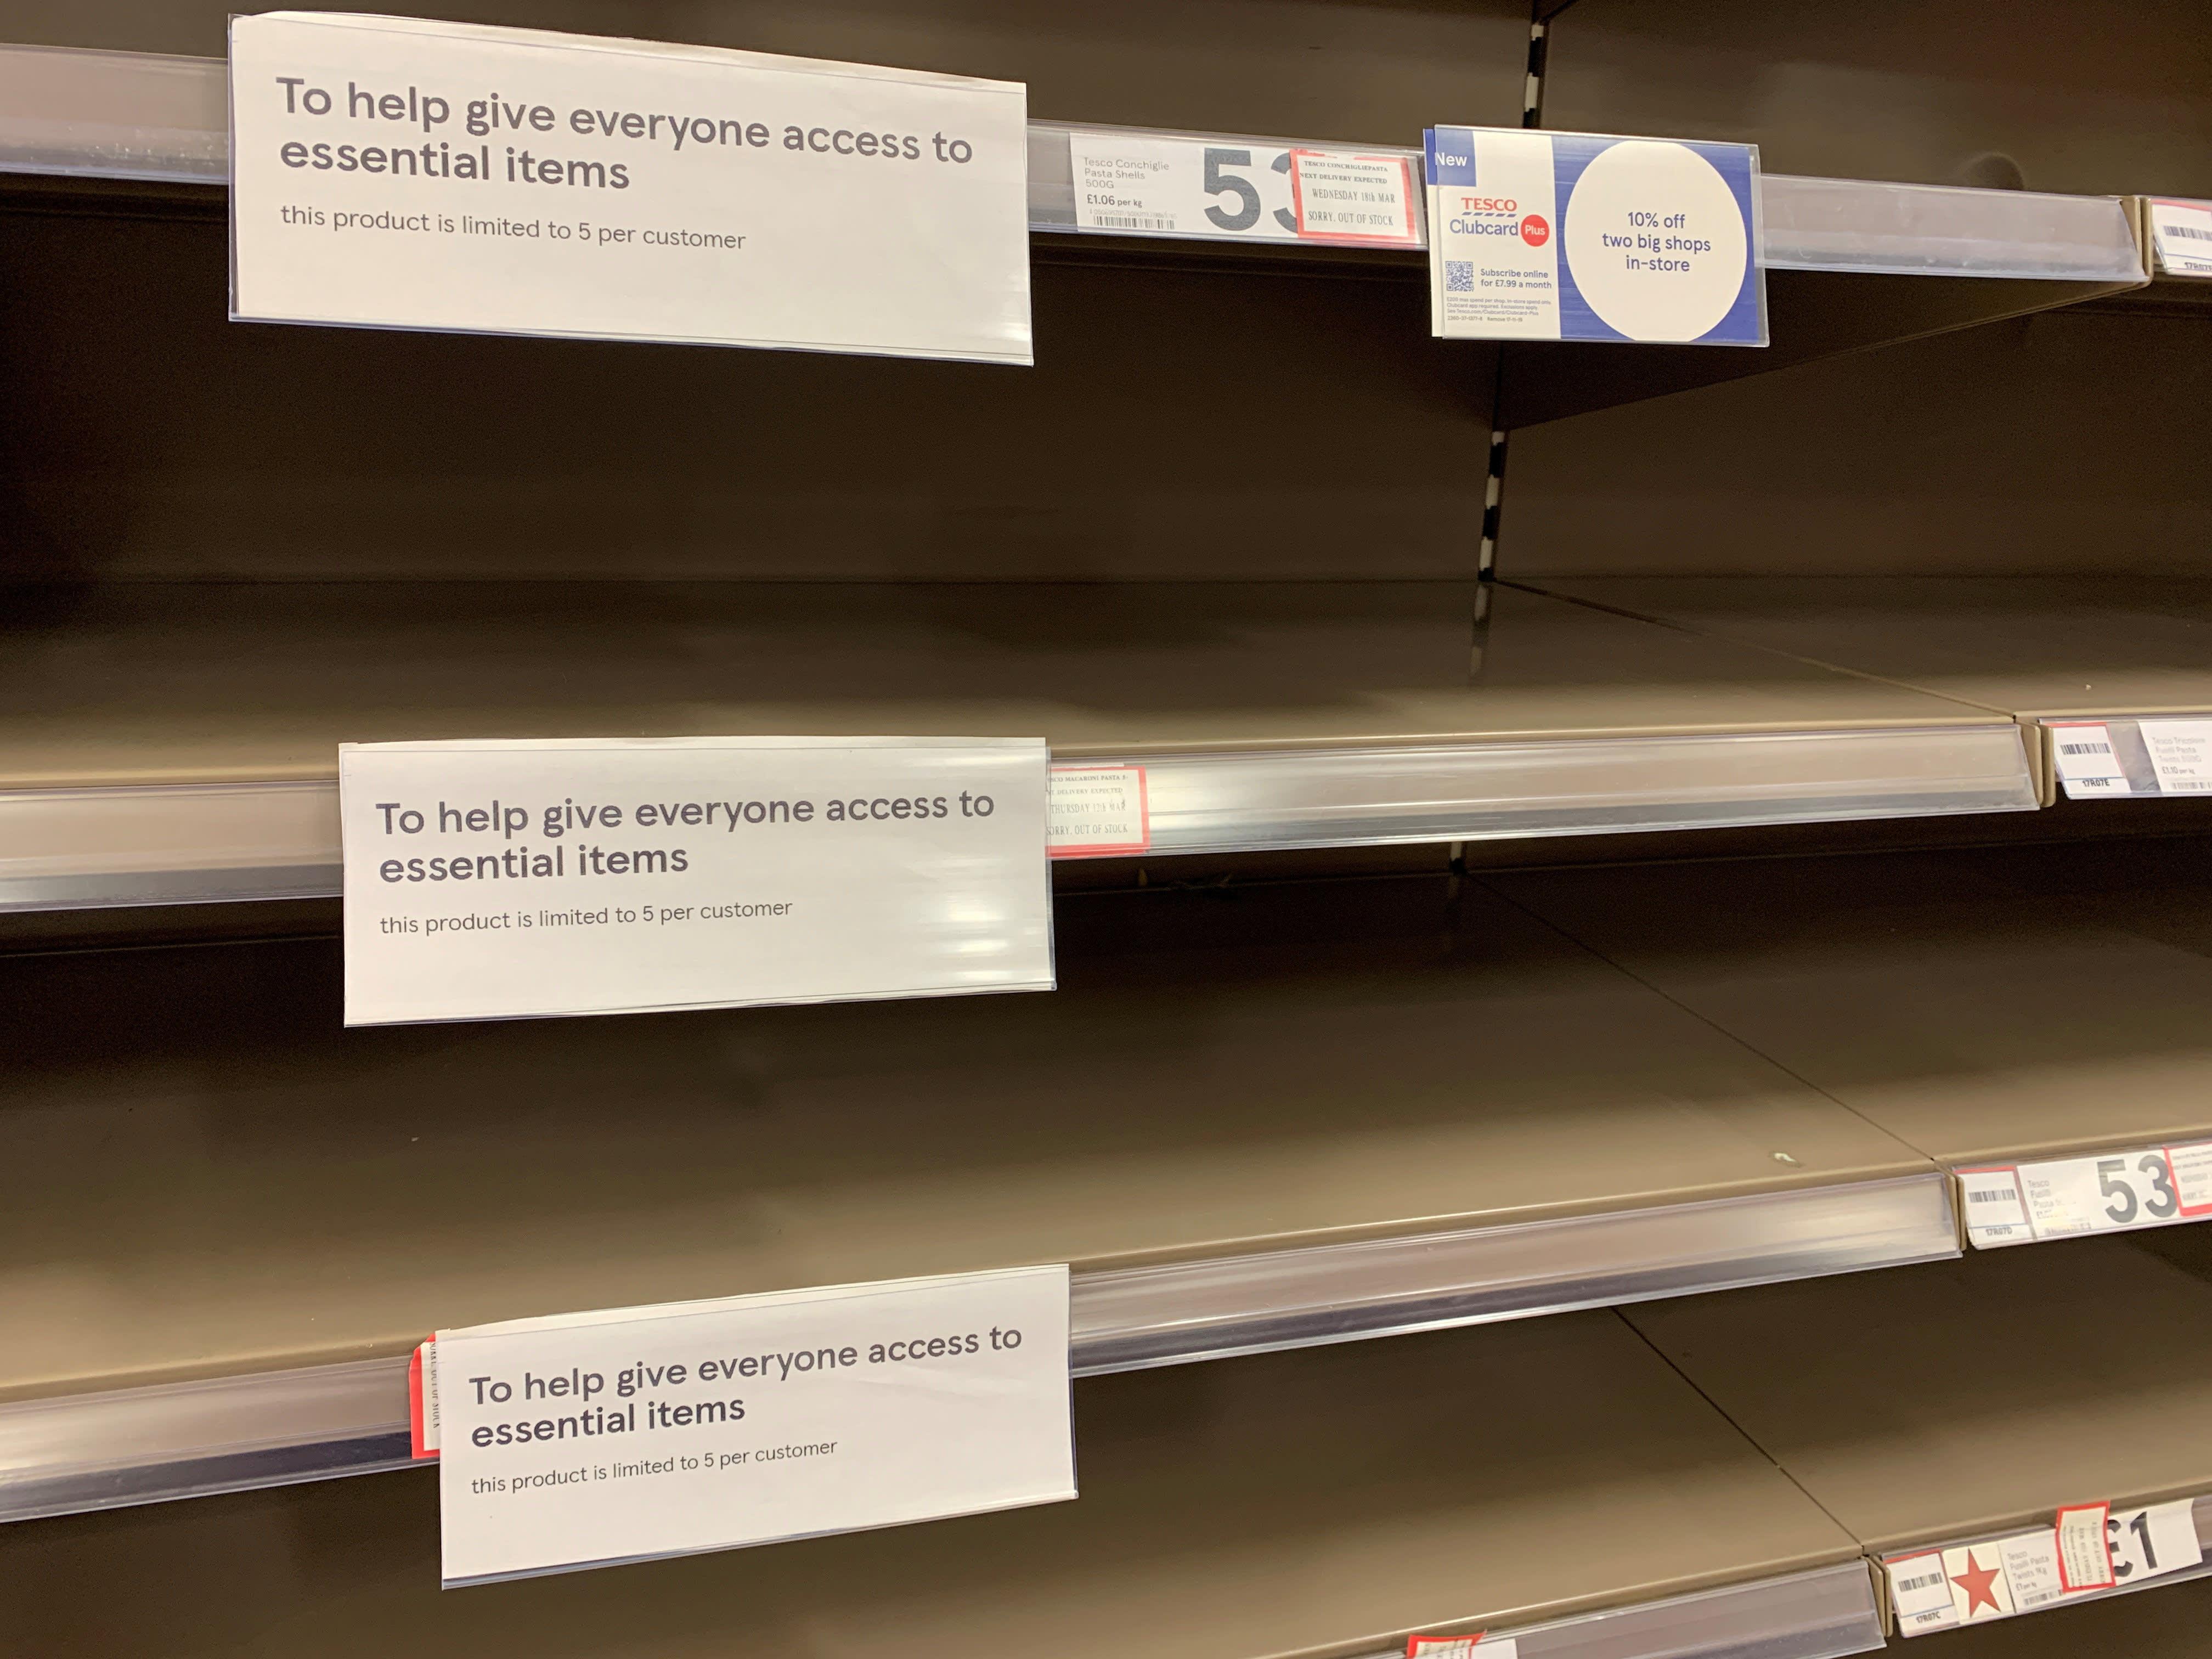 How coronavirus will impact supermarkets